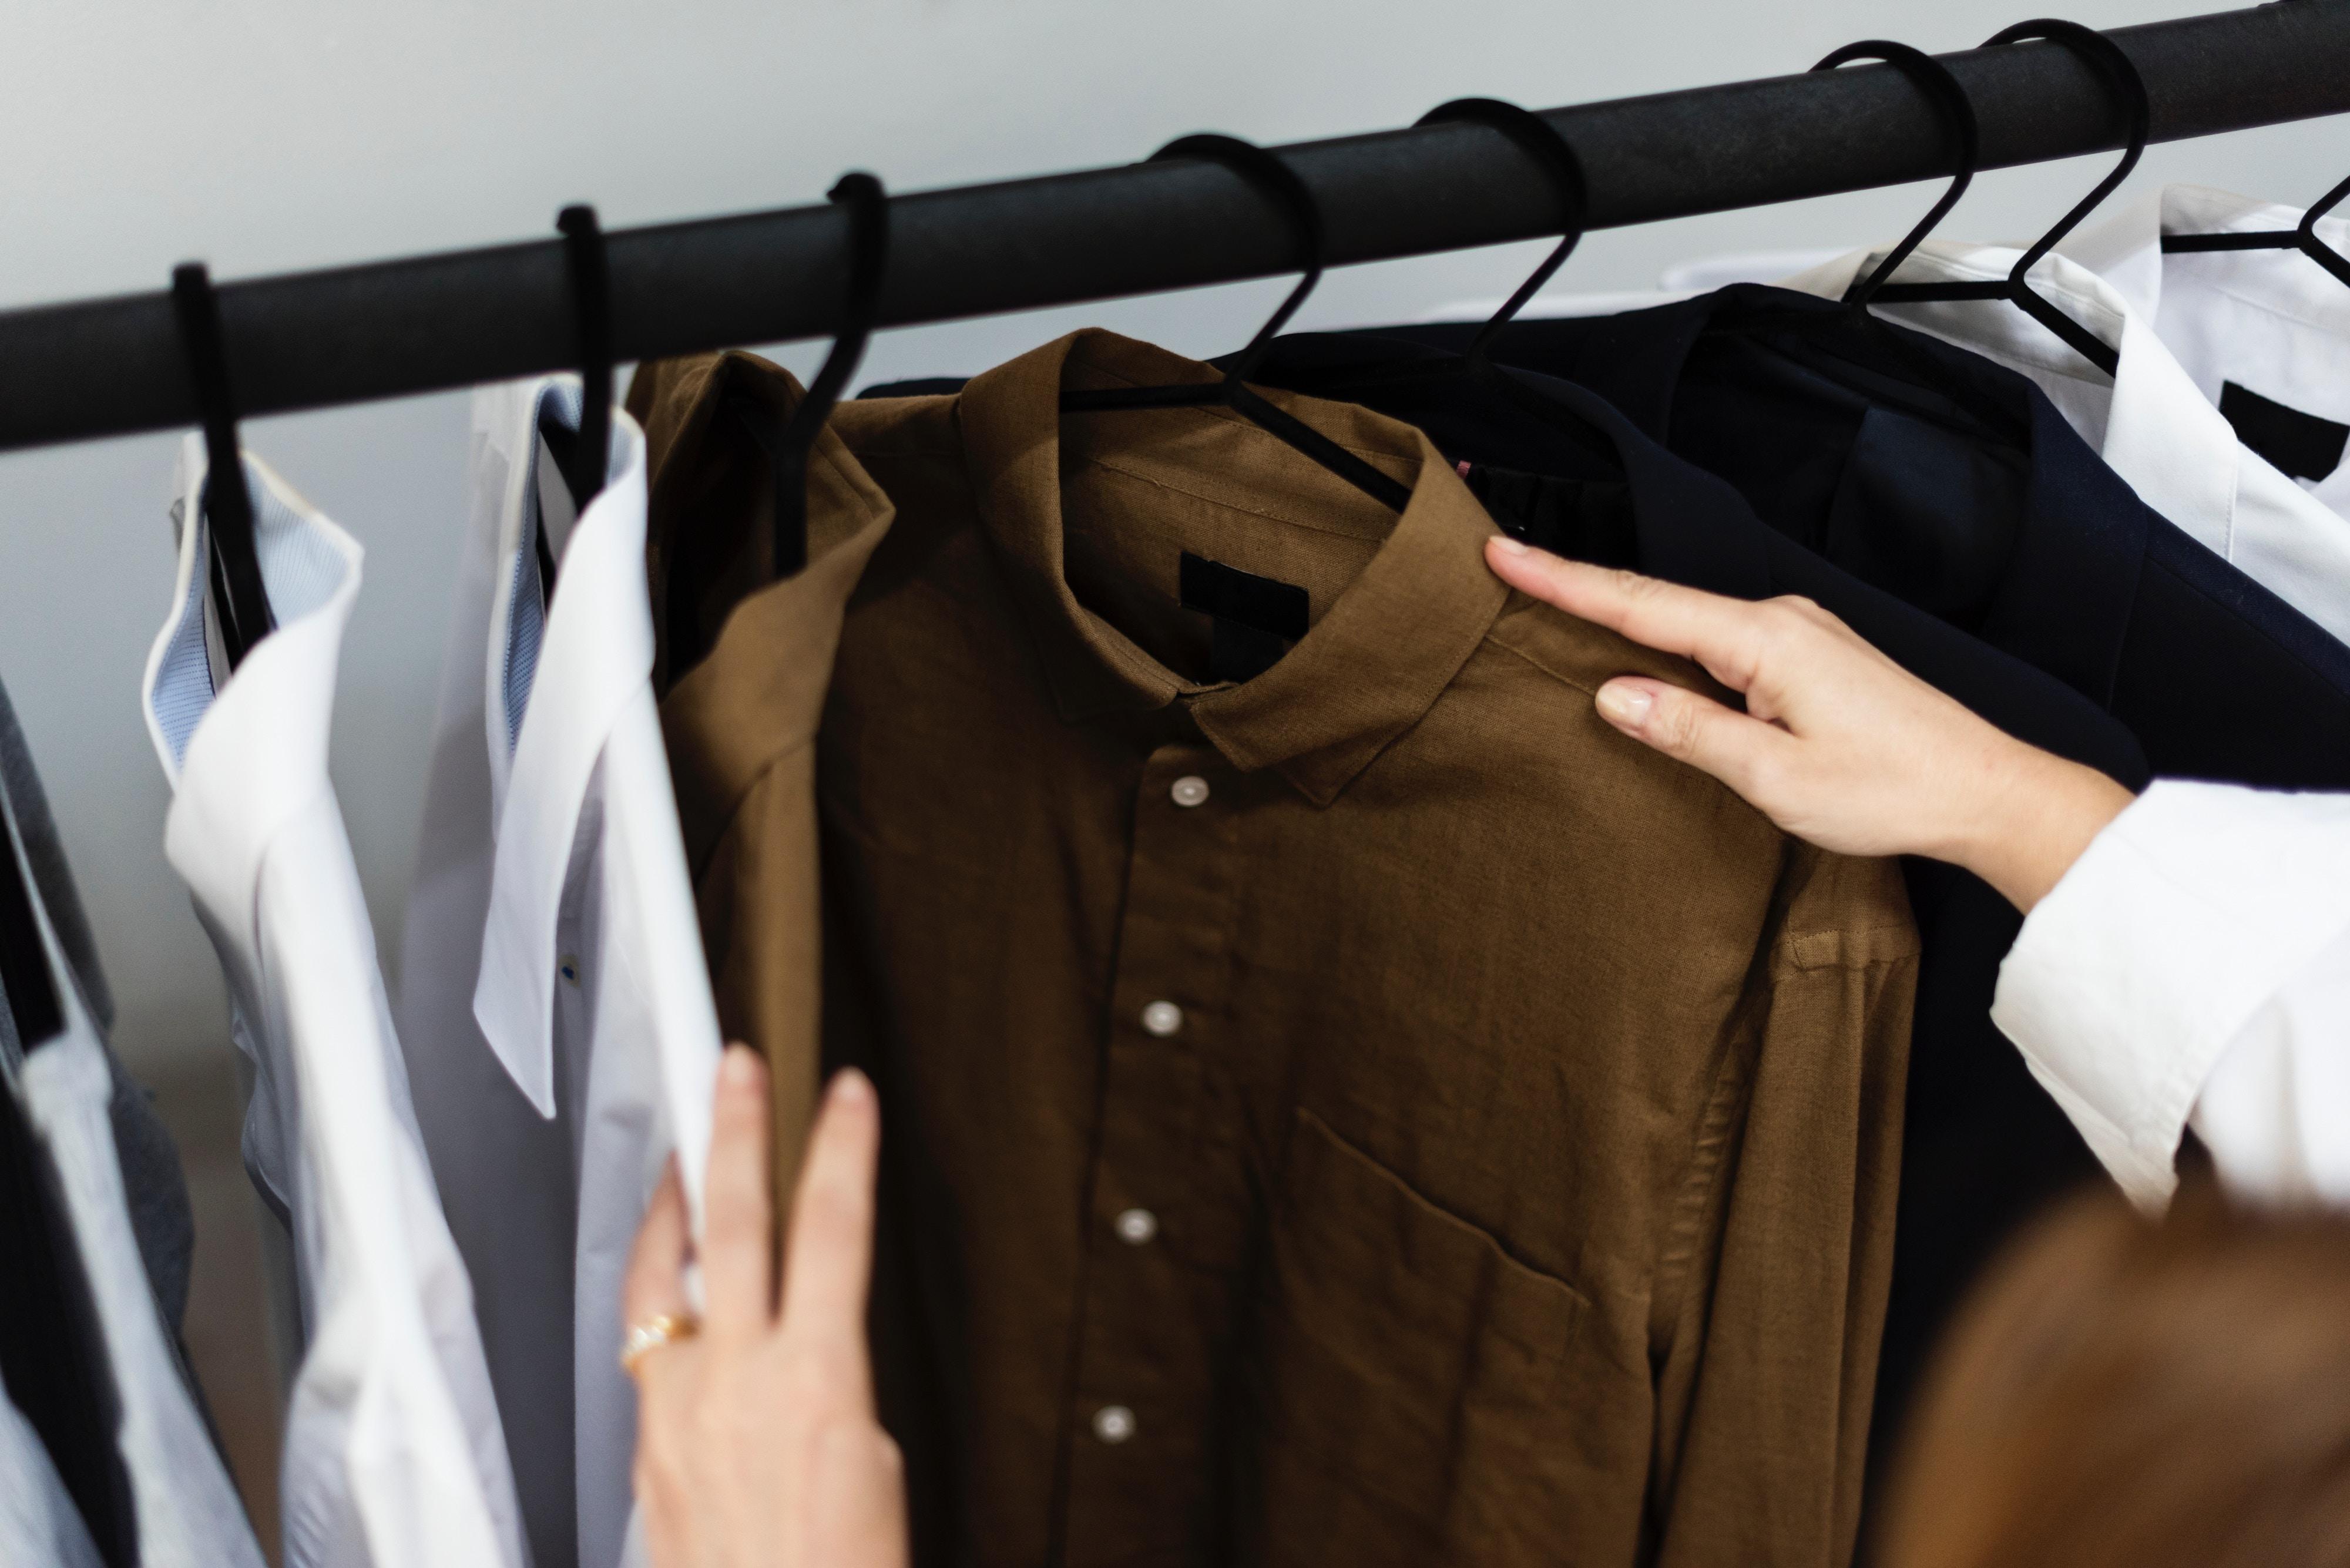 インターンシップの服装マナーまとめ|靴や冬服・髪型も詳しく解説